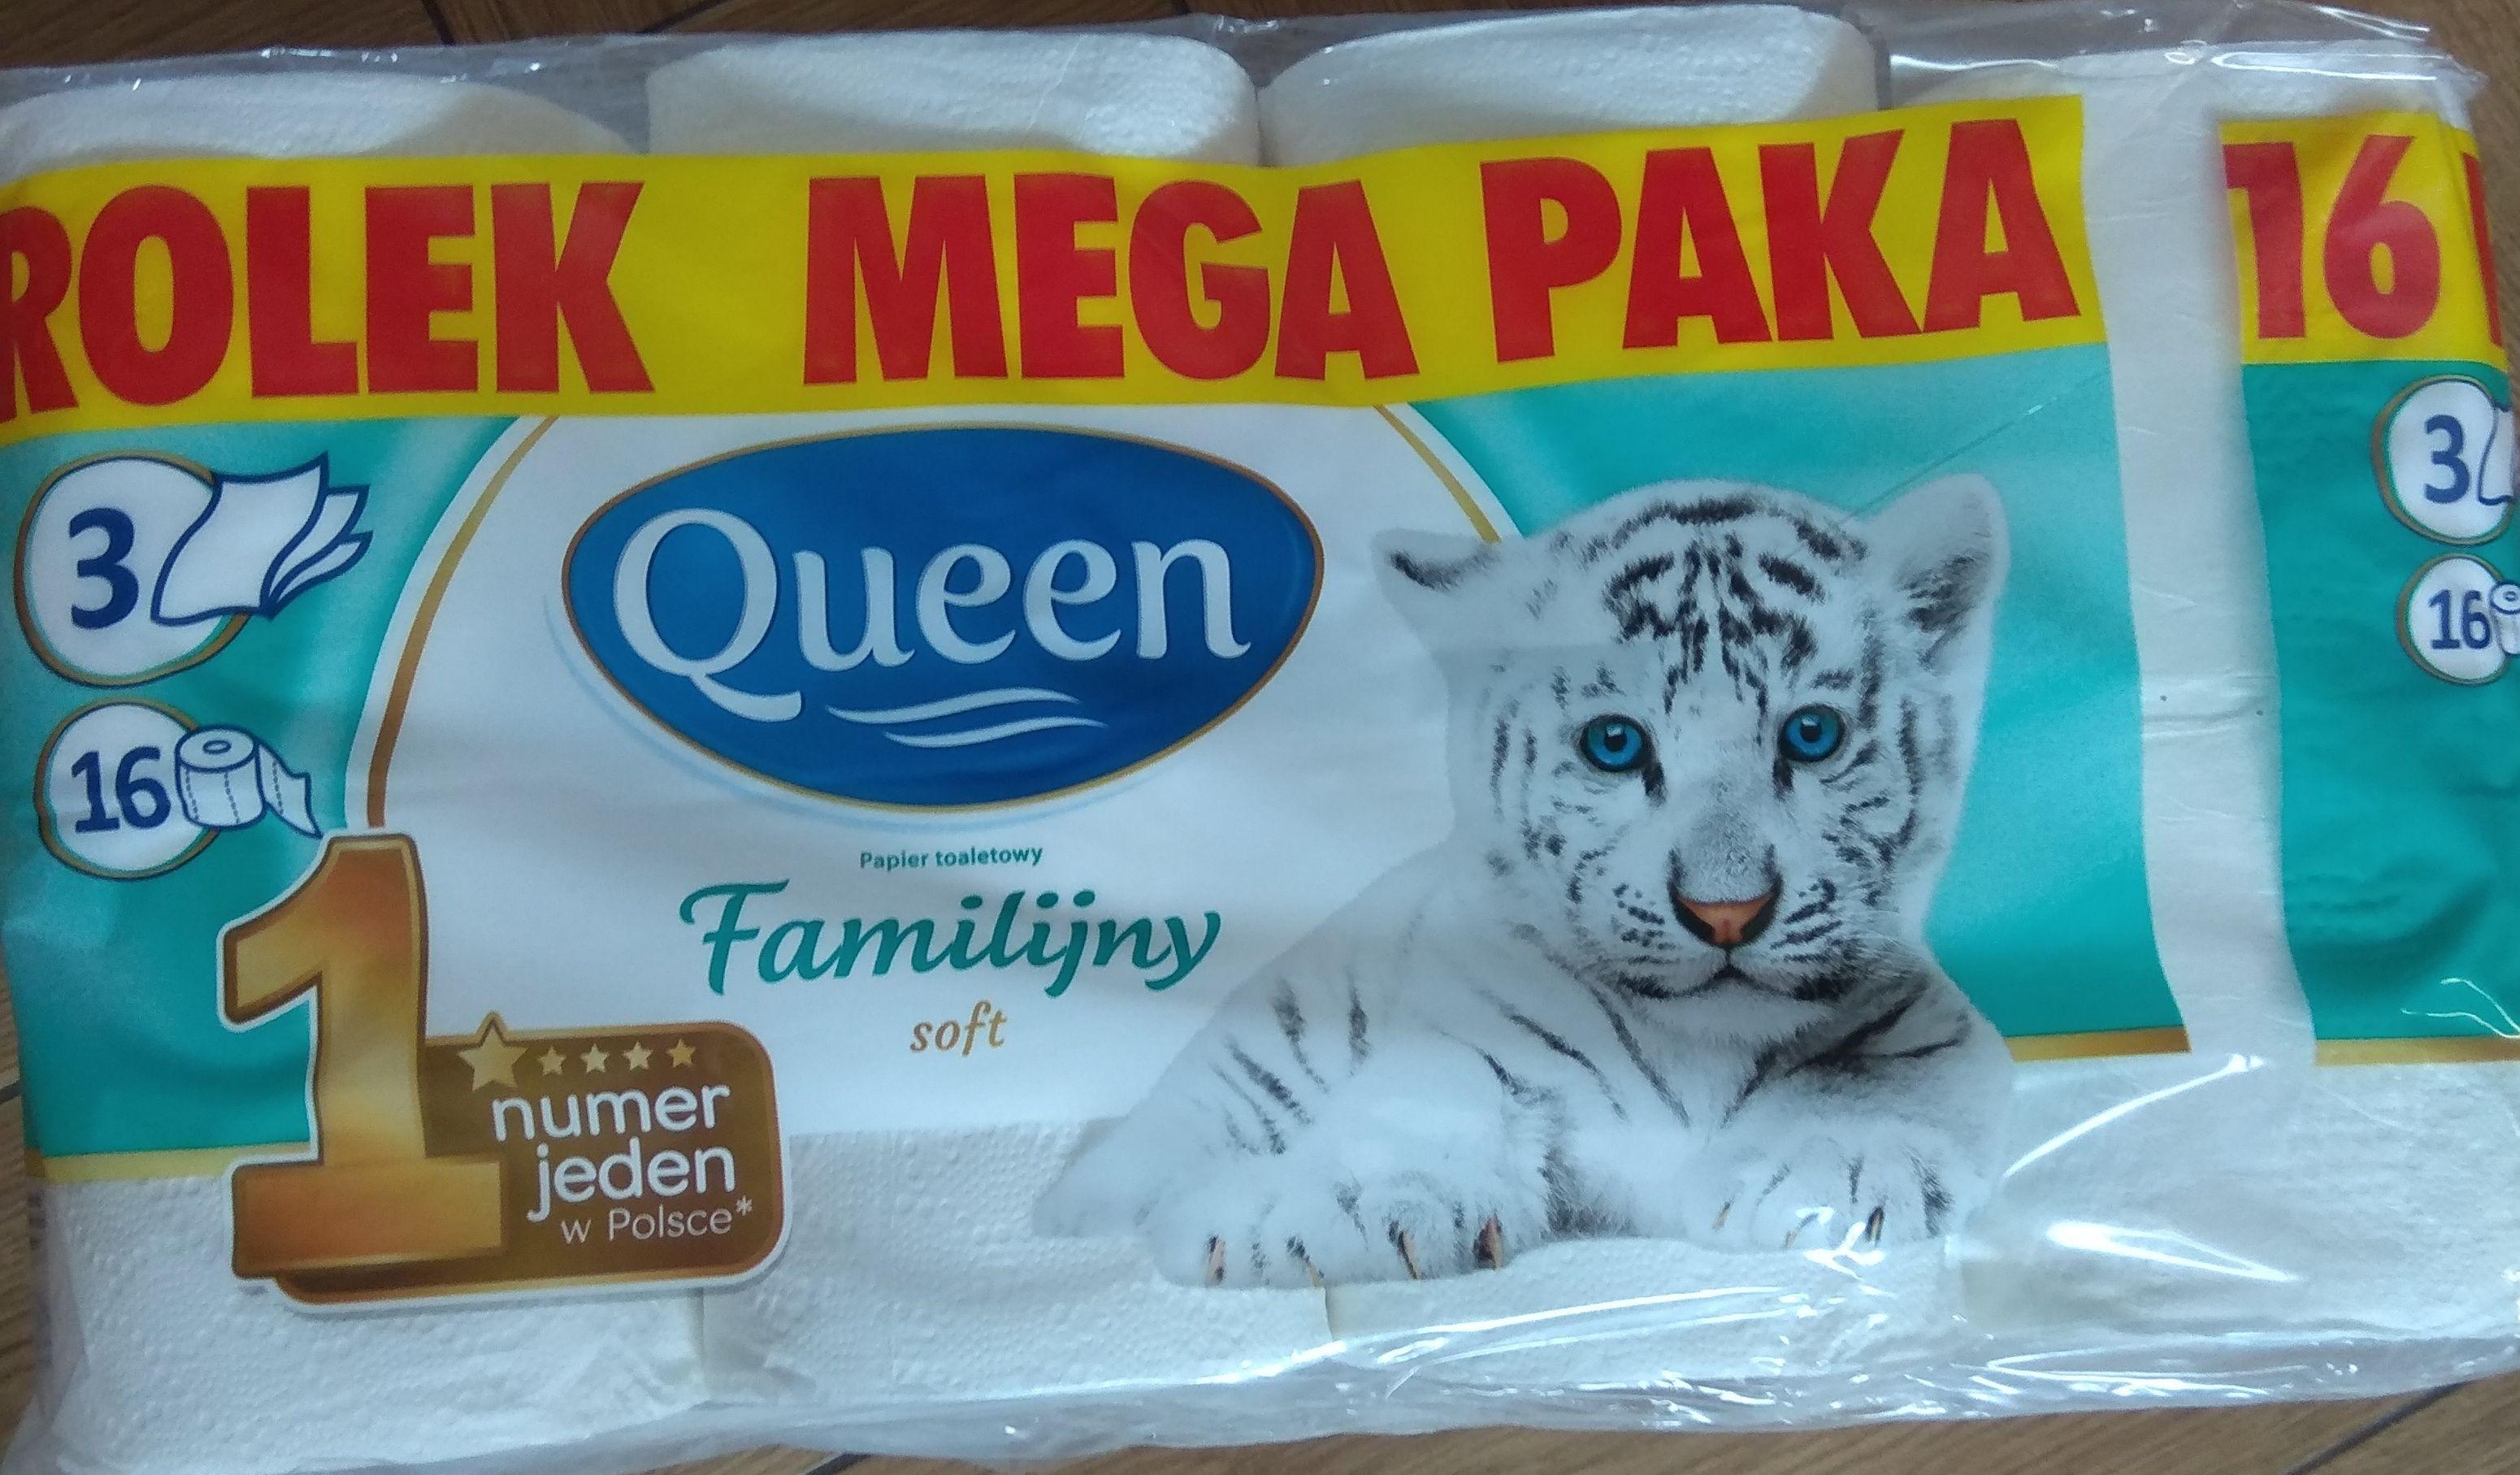 Papier Queen familijny 3 warstwowy